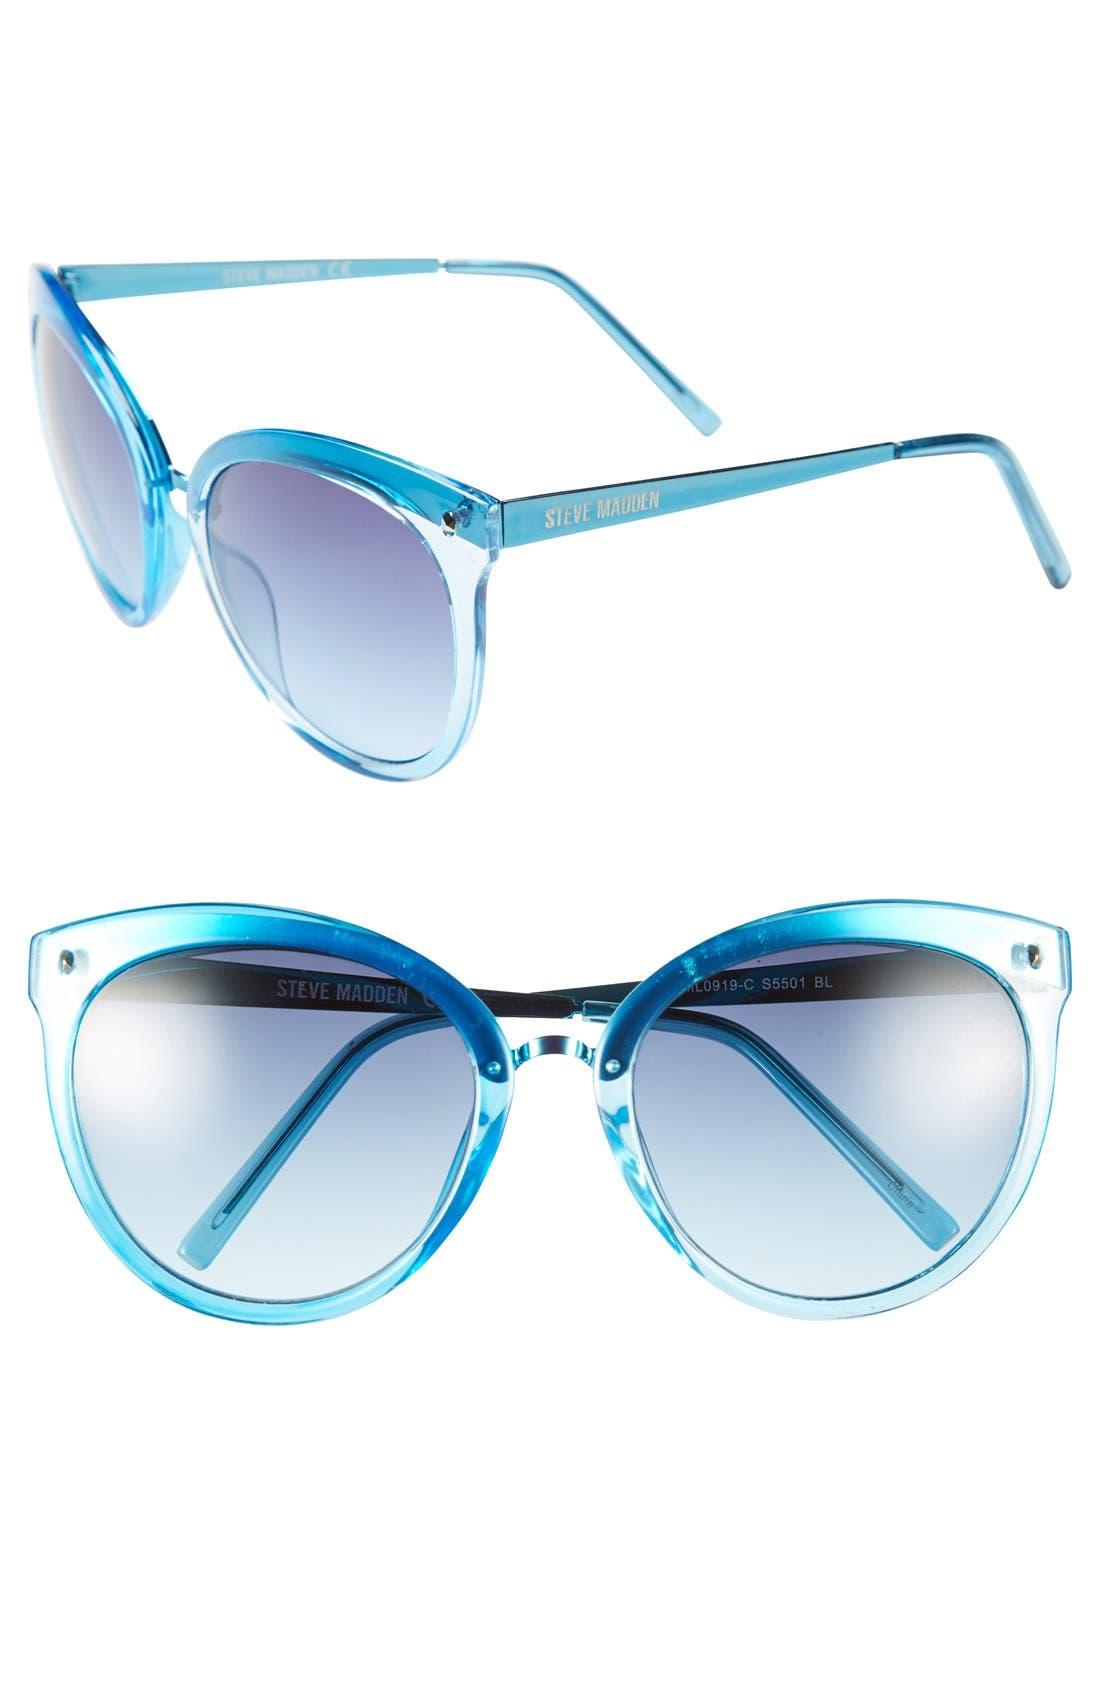 Main Image - Steve Madden 57mm Cat Eye Sunglasses